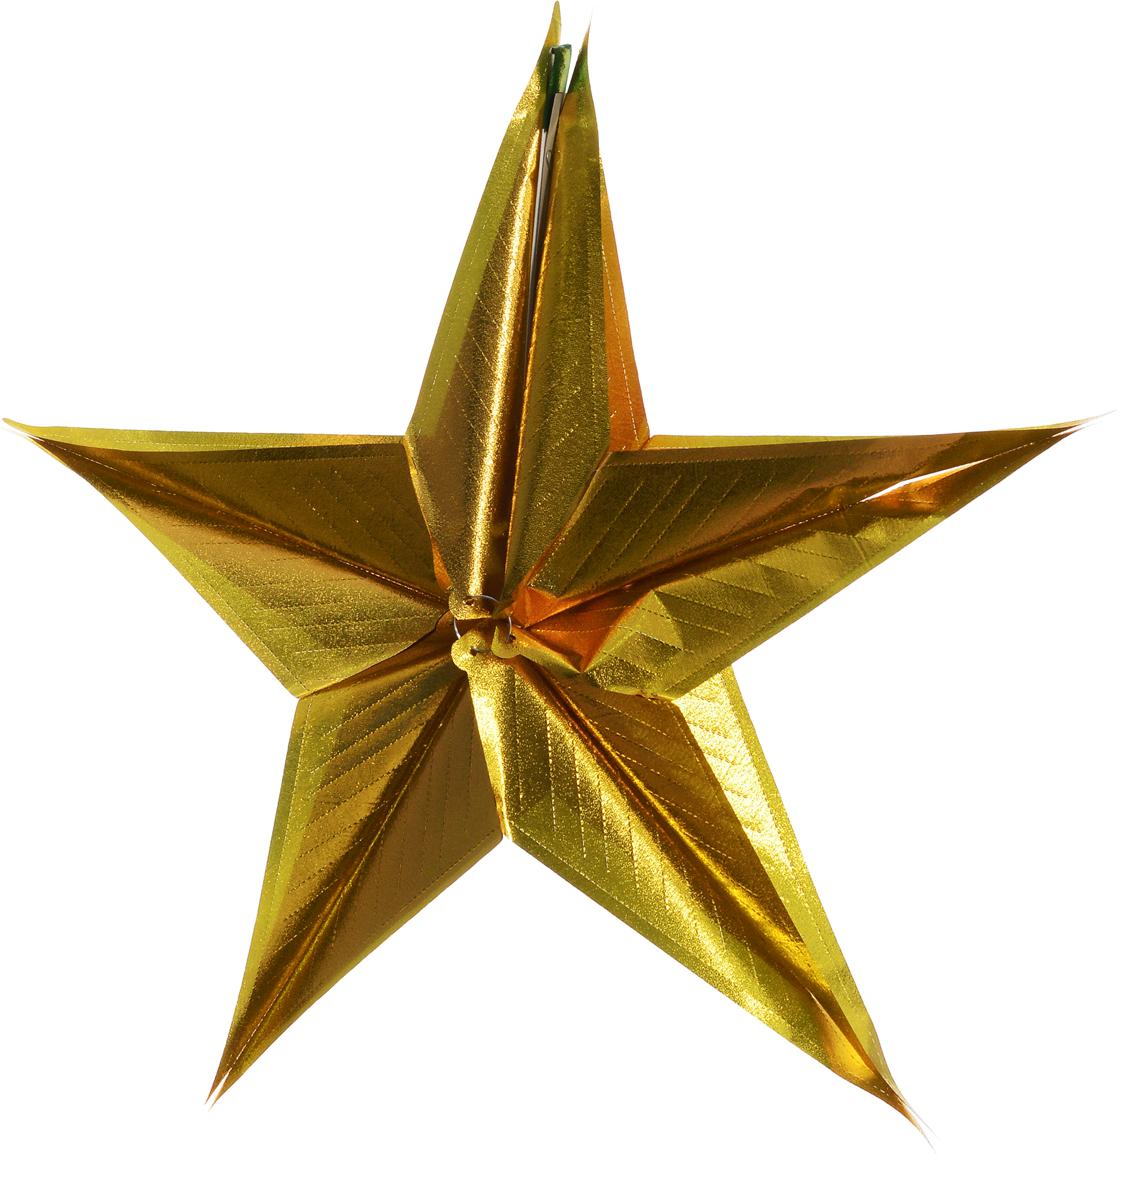 Гирлянда новогодняя Magic Time Звезда большая золотая, 17 x 32 см magic time подарочный пакет новогодняя лампа 26 32 4 12 7 см